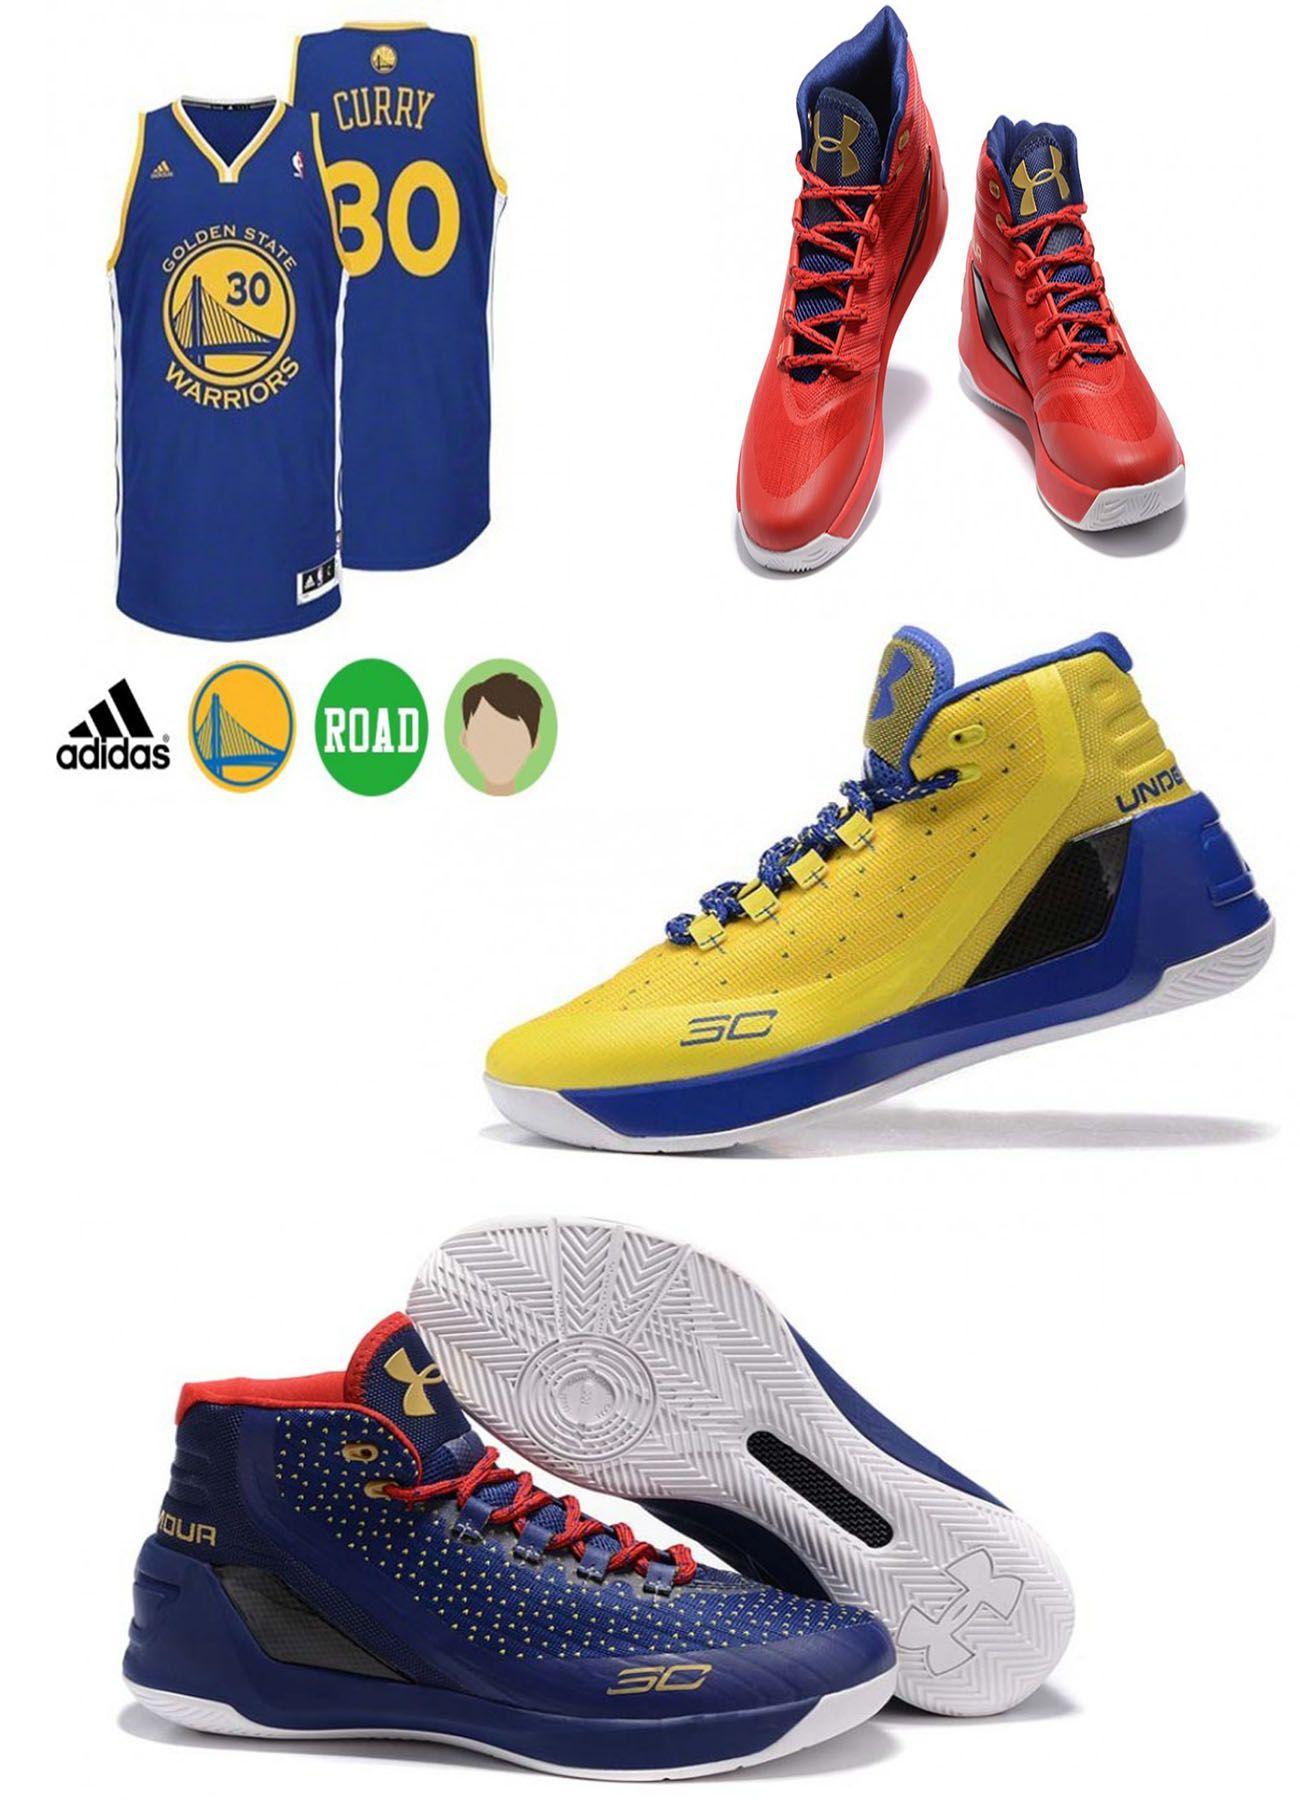 284ea97664c5  Steph  Curry3  Basketballshoes  Fashionable  Shoes  Mens  Board shoes http